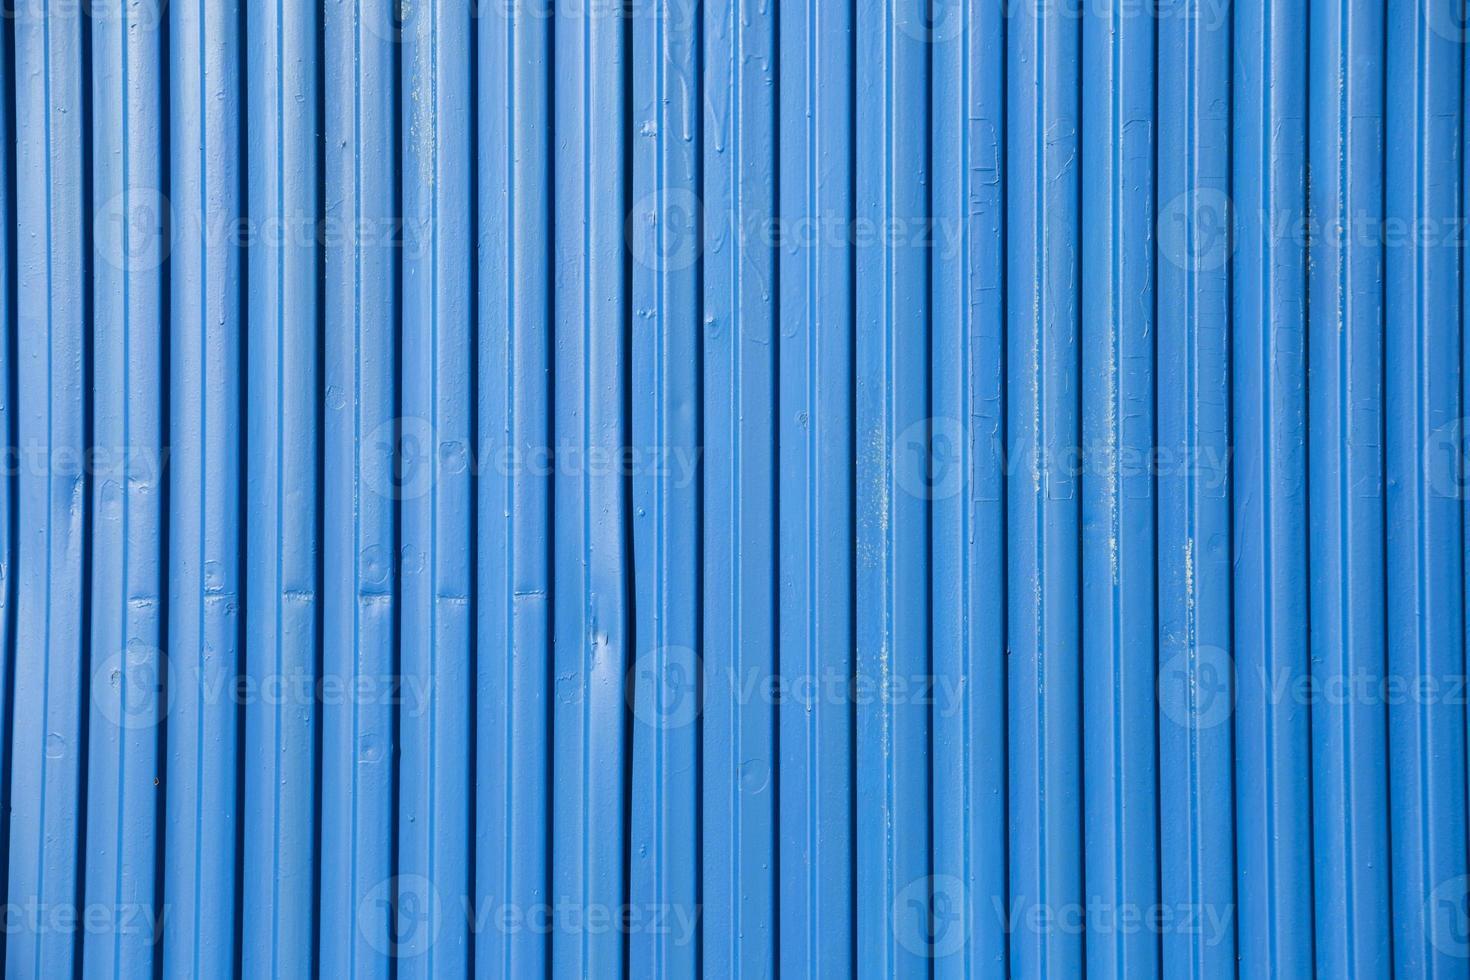 récipient bleu vif photo